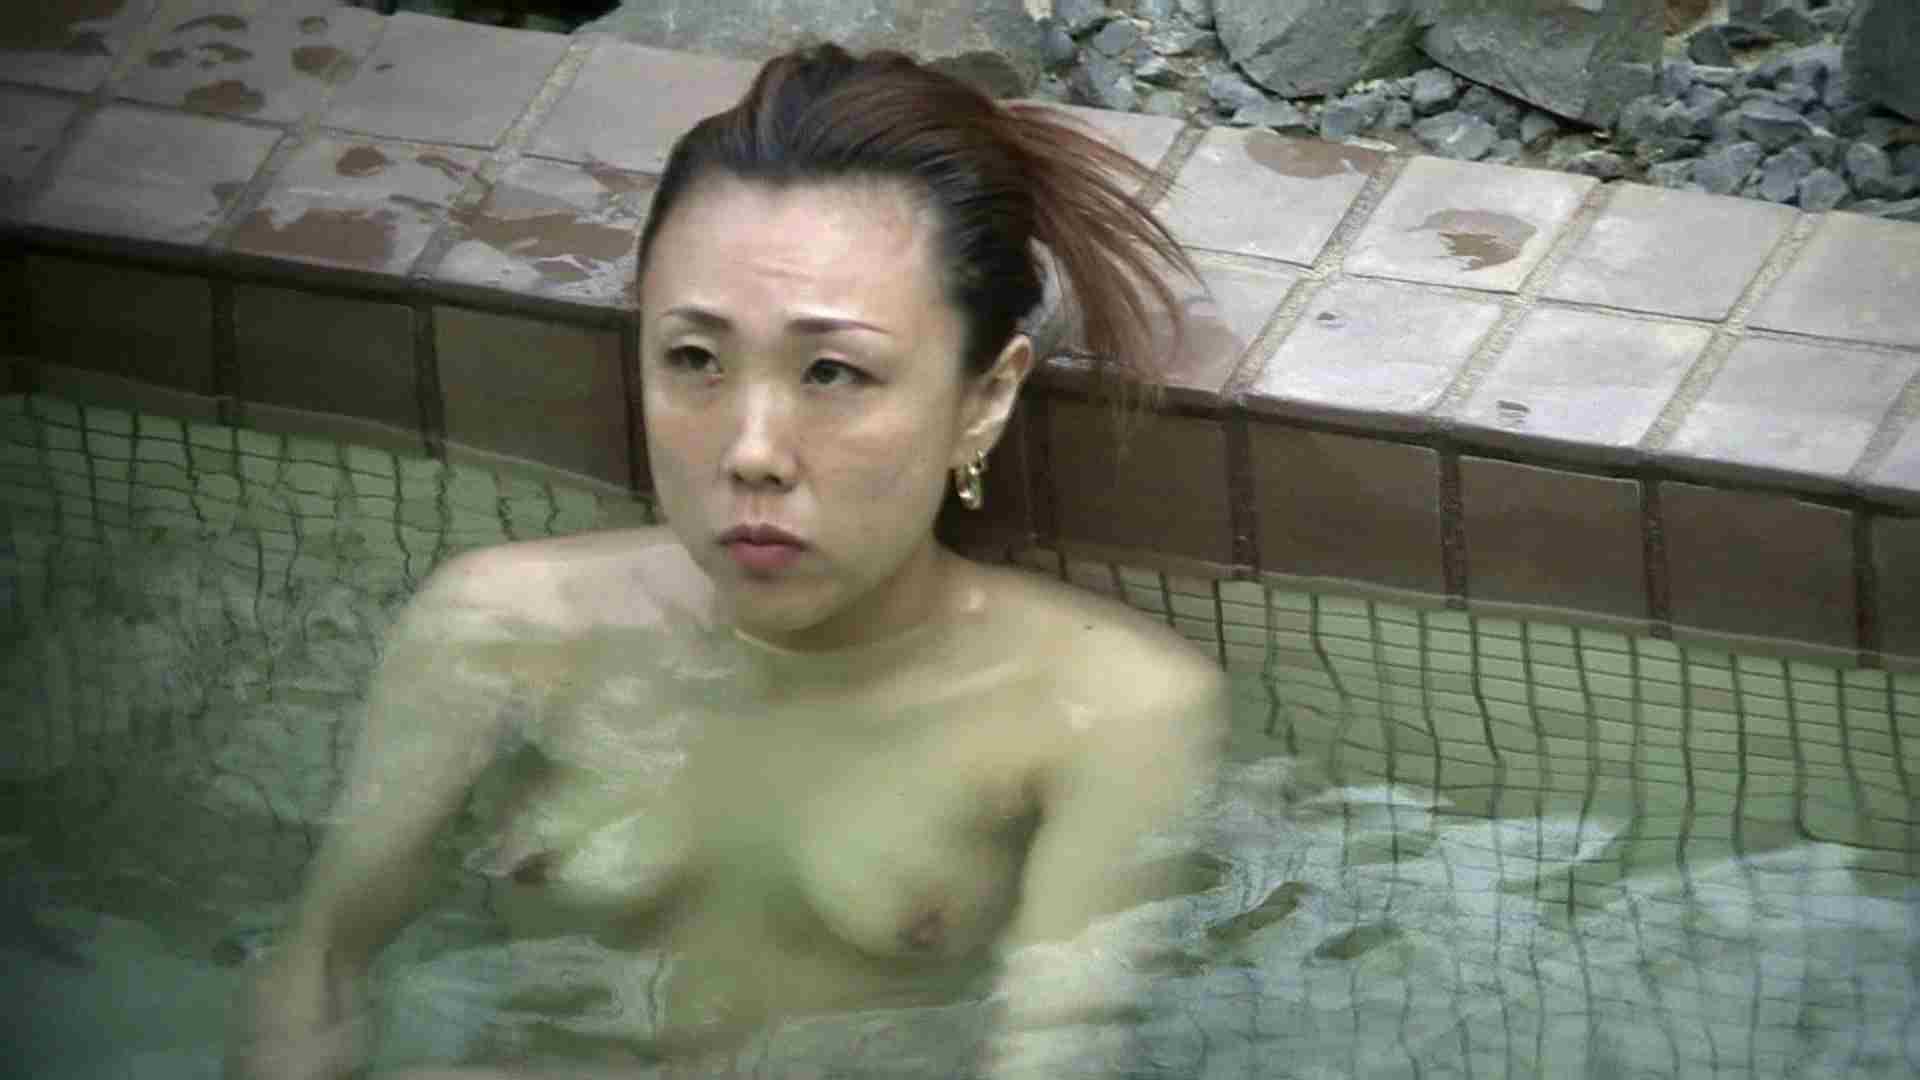 Aquaな露天風呂Vol.654 OLすけべ画像  38連発 18